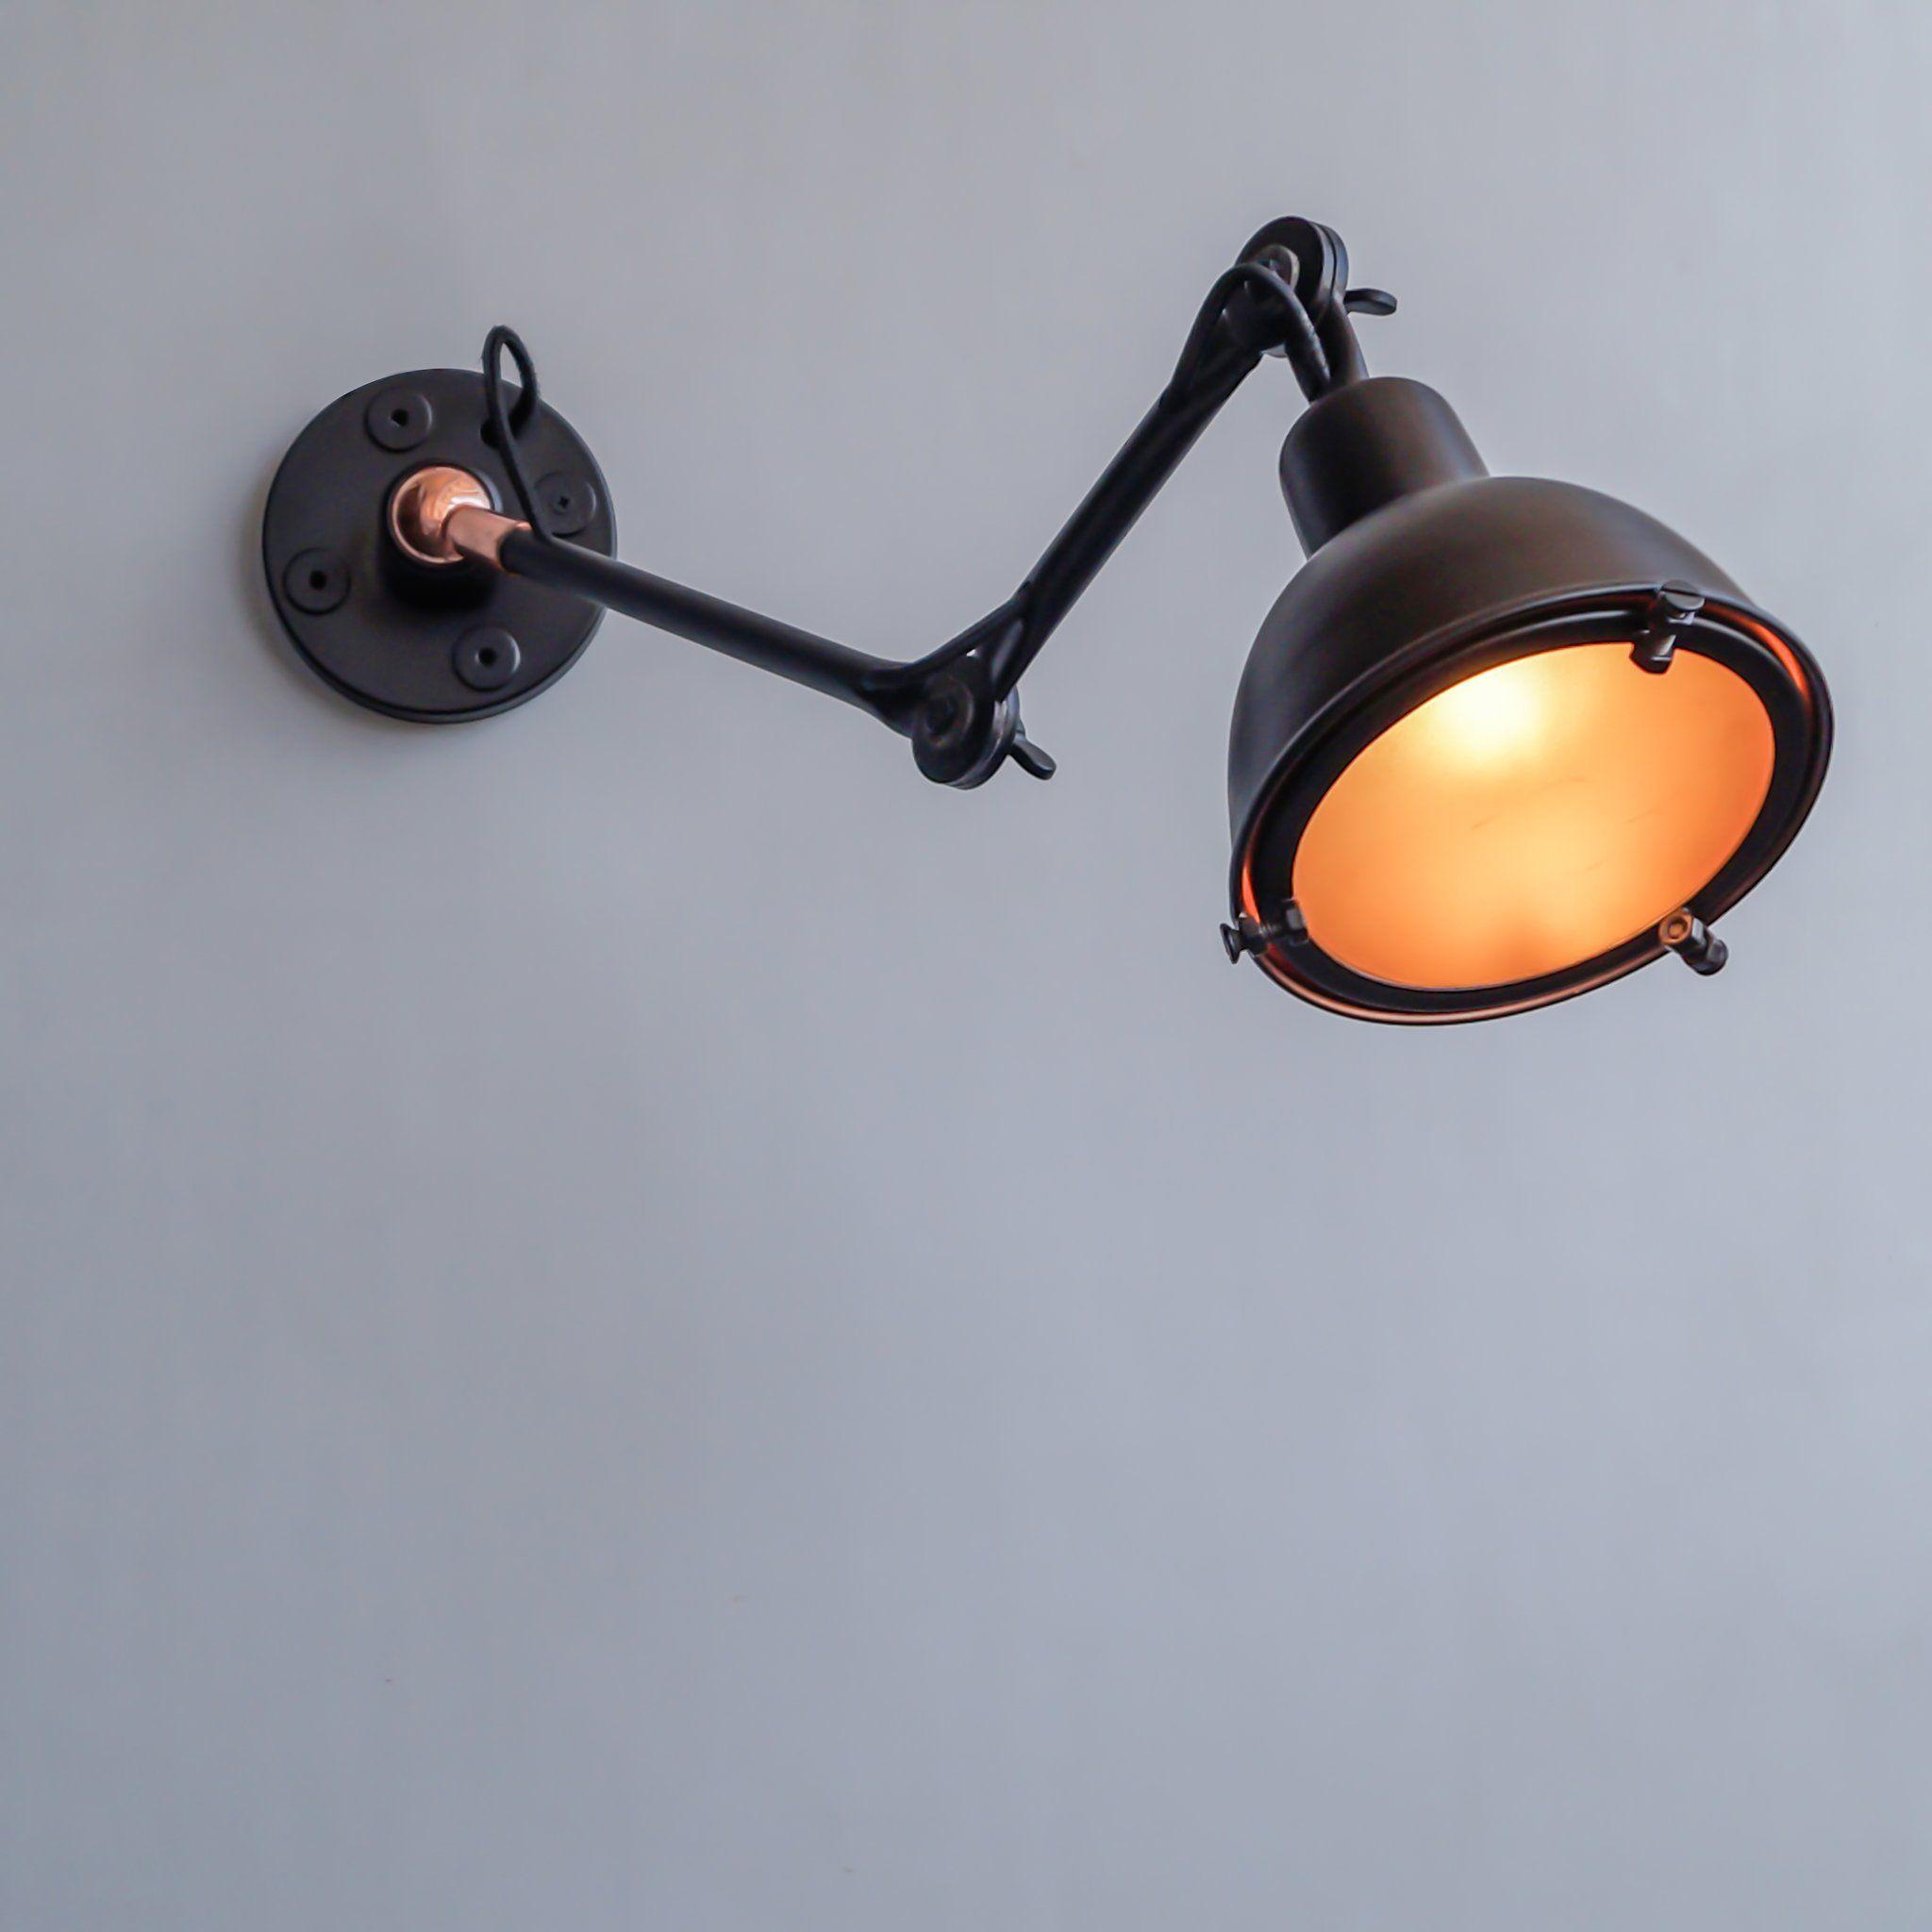 d0f9948ea6435a855fc151add19c2201 Résultat Supérieur 60 Luxe Lampe Decorative Stock 2018 Ldkt